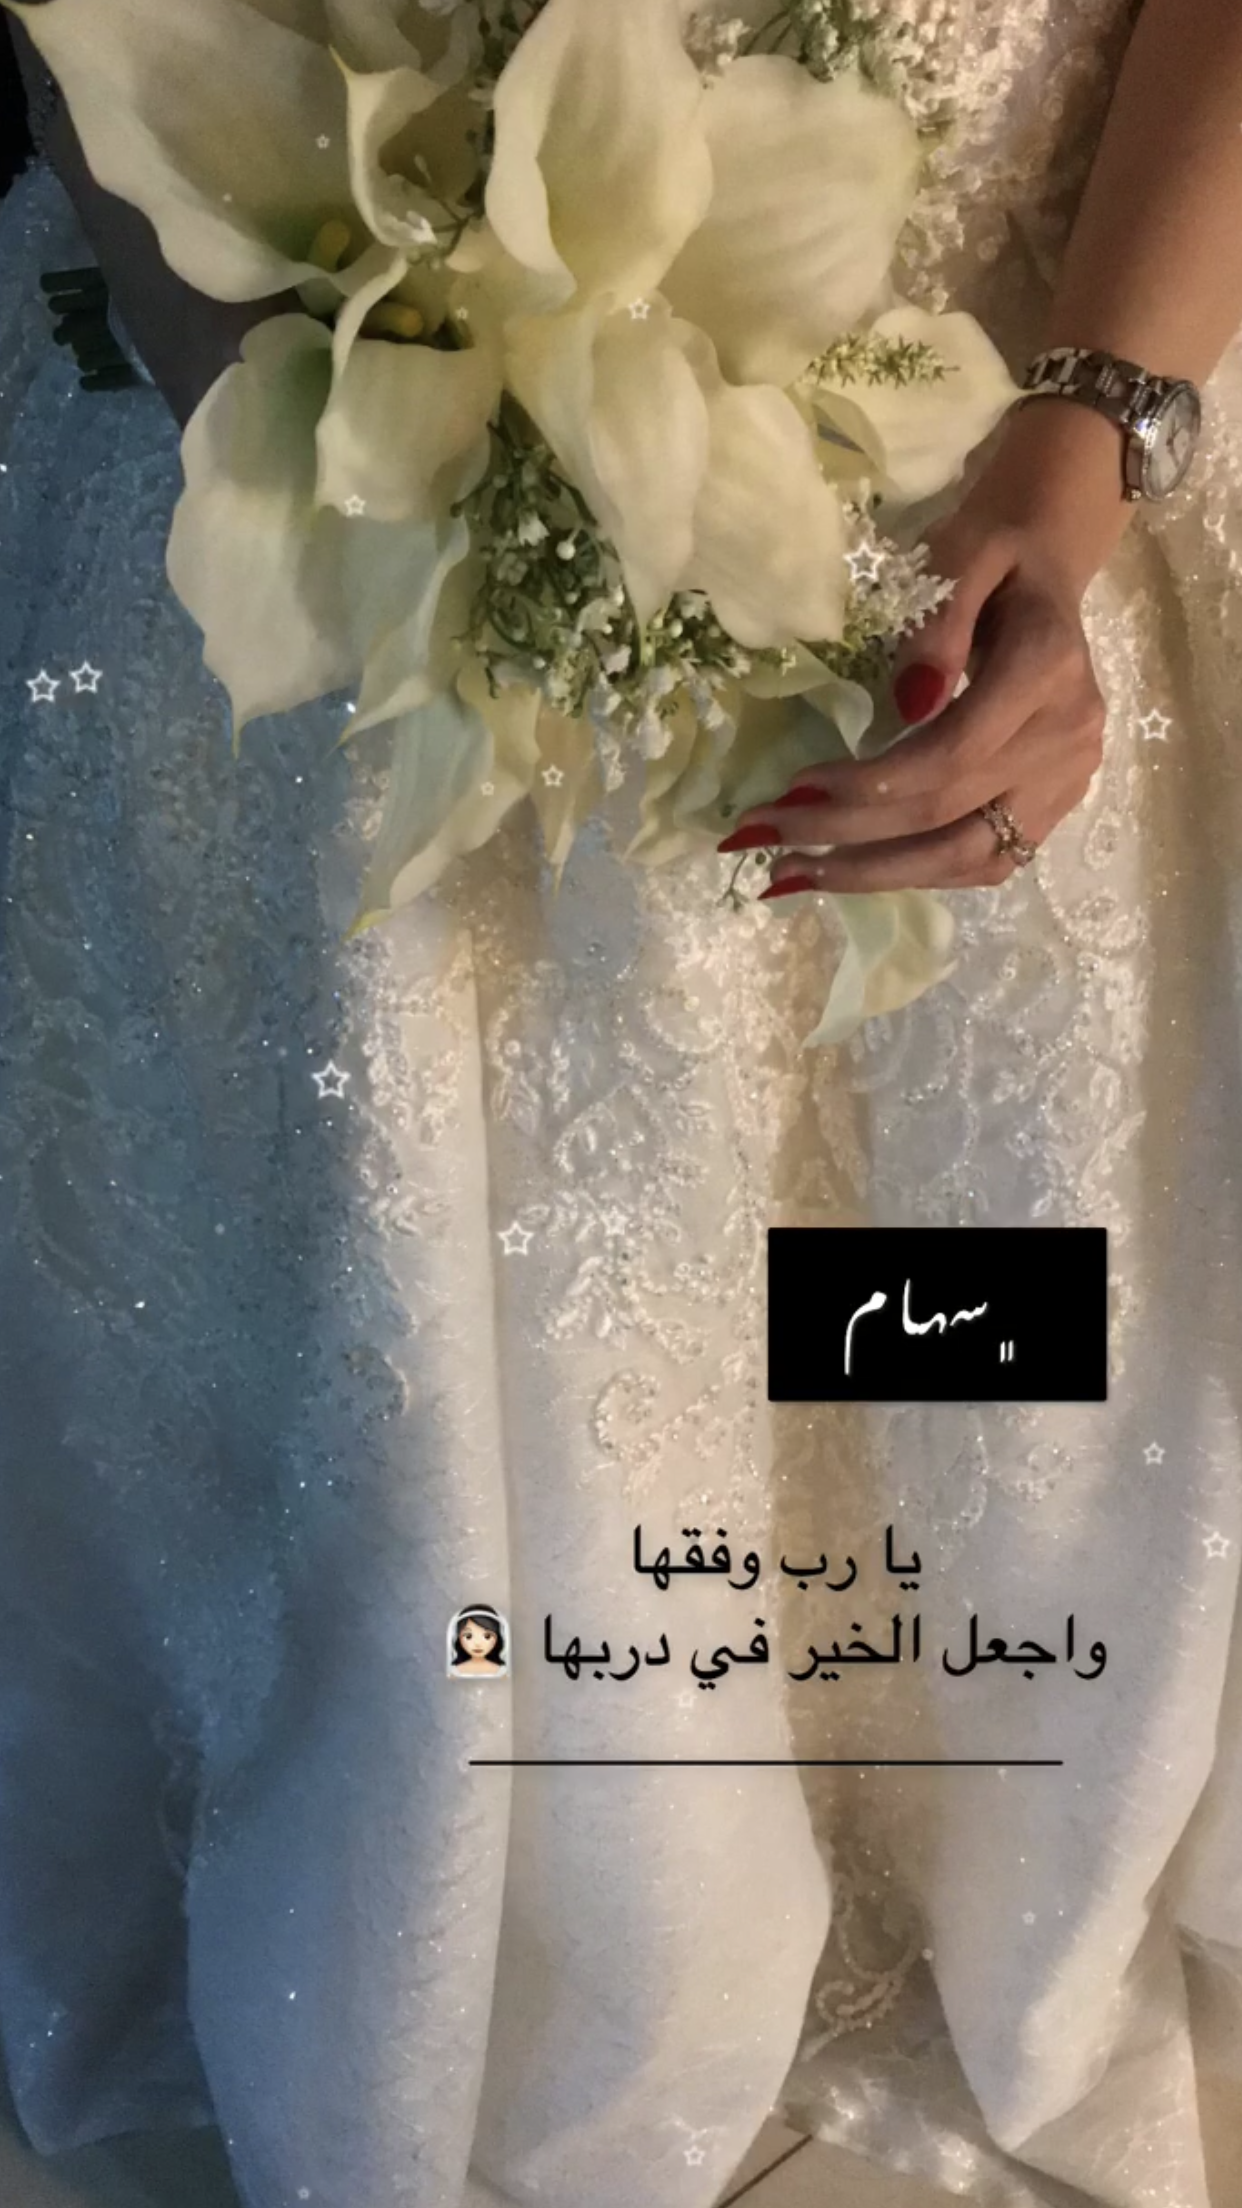 همسة سهام يا رب وفقها واجعل الخير في دربها تصويري تصويري سناب تصميمي تصميم فستان عروس زفا Arabian Wedding Bride Pictures Bride Quotes